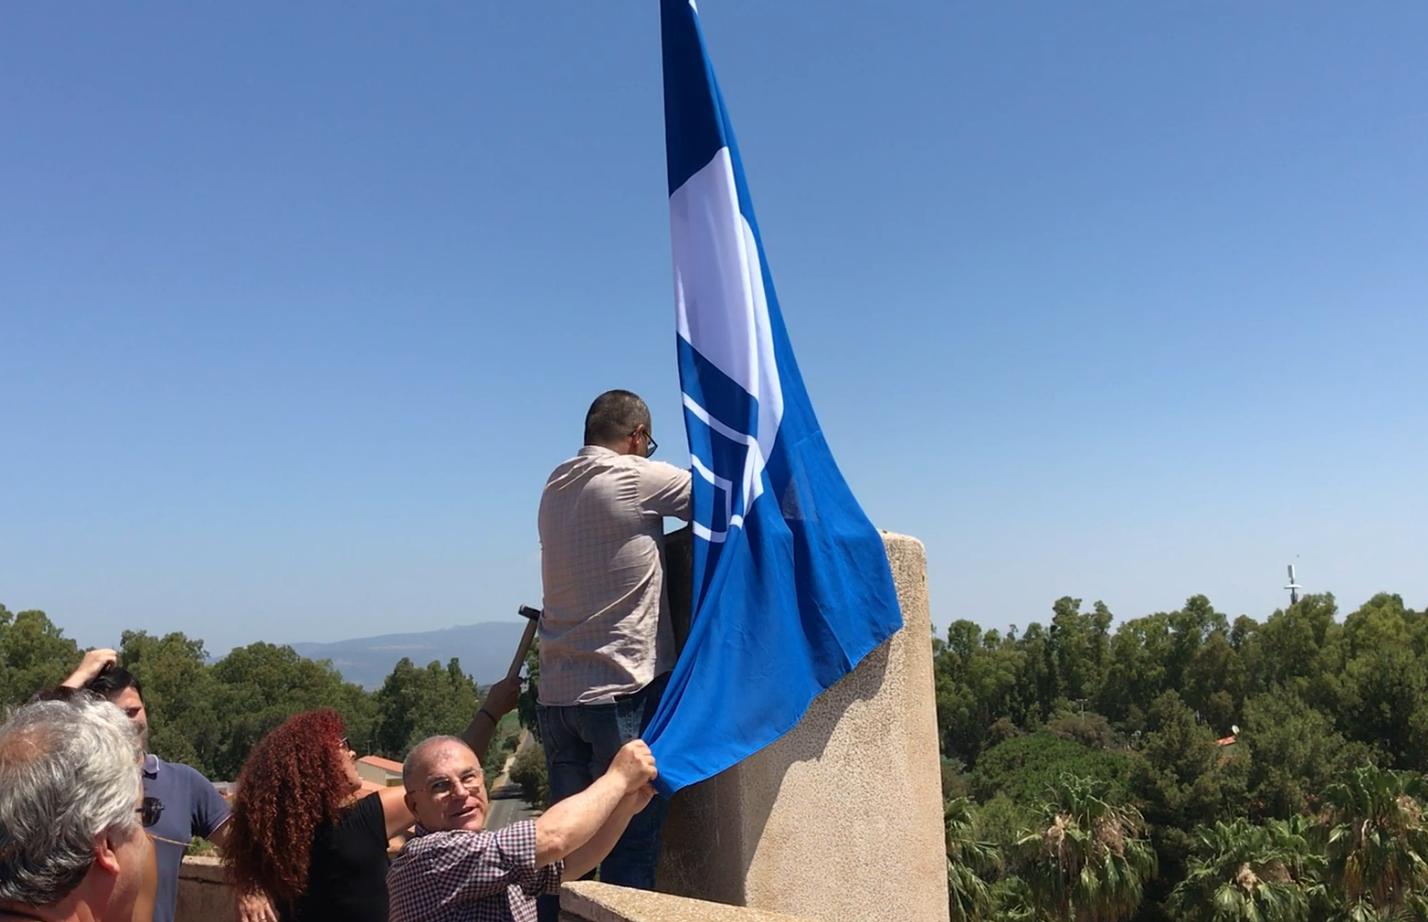 La bandiera blu sulla torre spagnola di Torre Grande a Oristano. La Bandiera blu 2017 issata a Torre Grande.